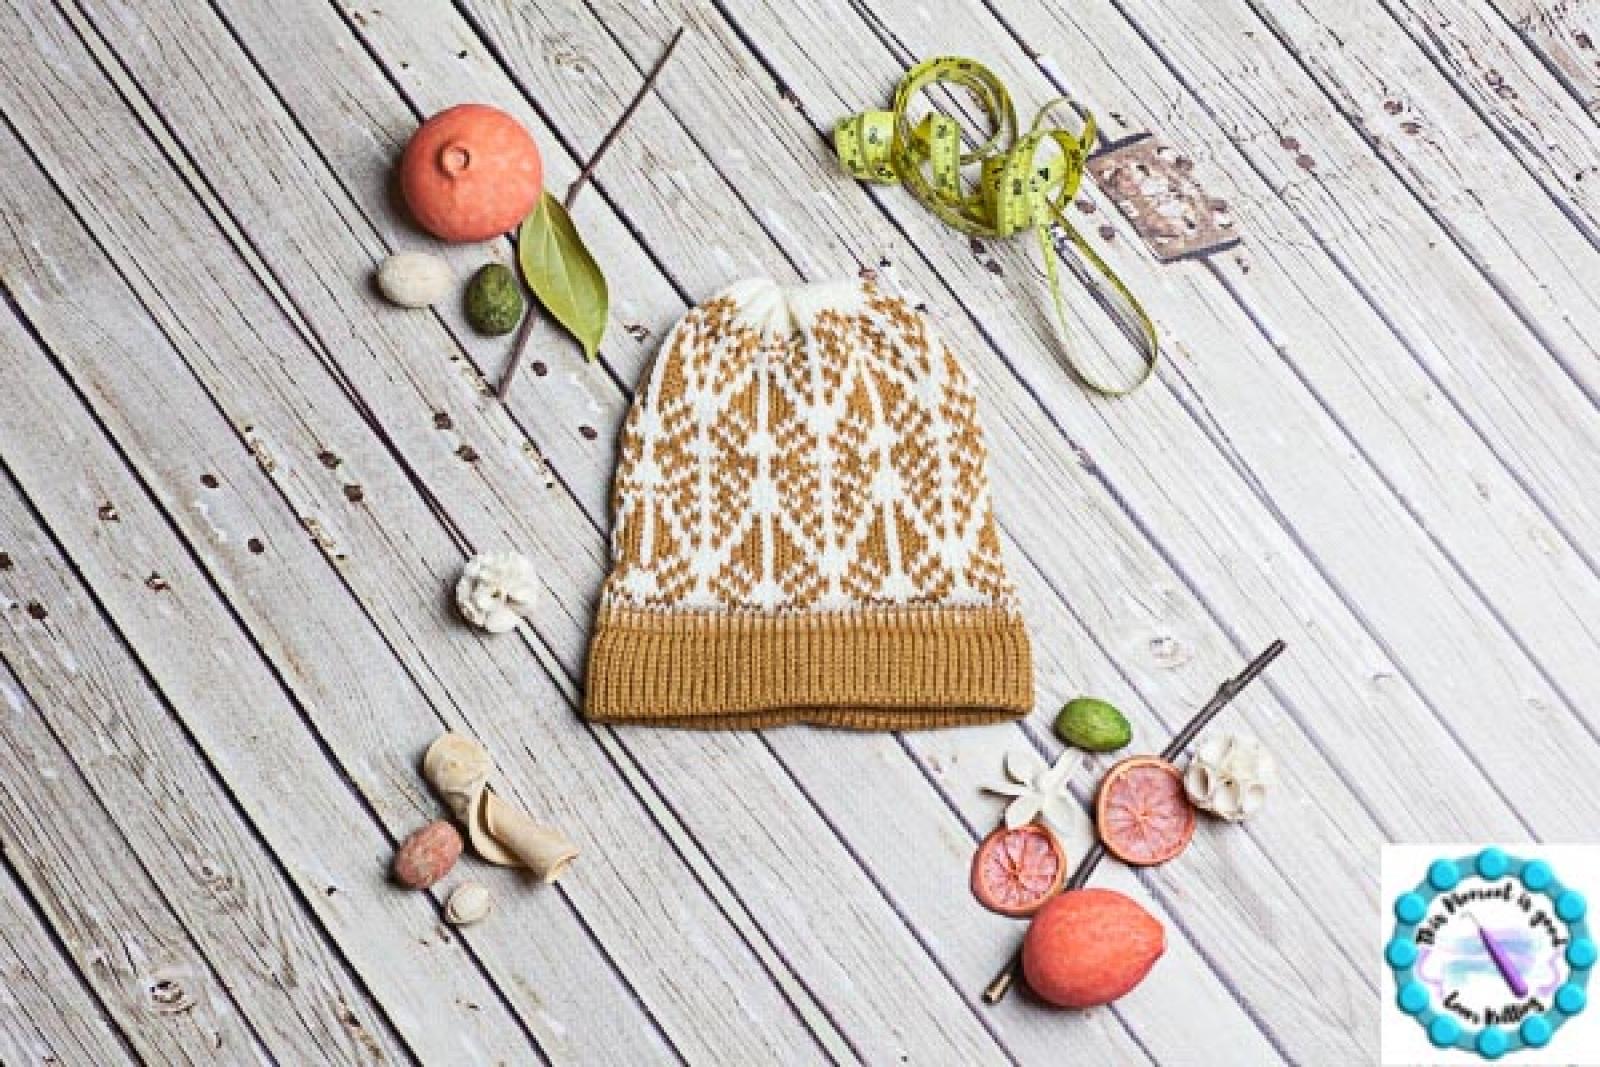 Loom Knit Fair Isle Hat Patterns 6 Pdf Loom Knitting